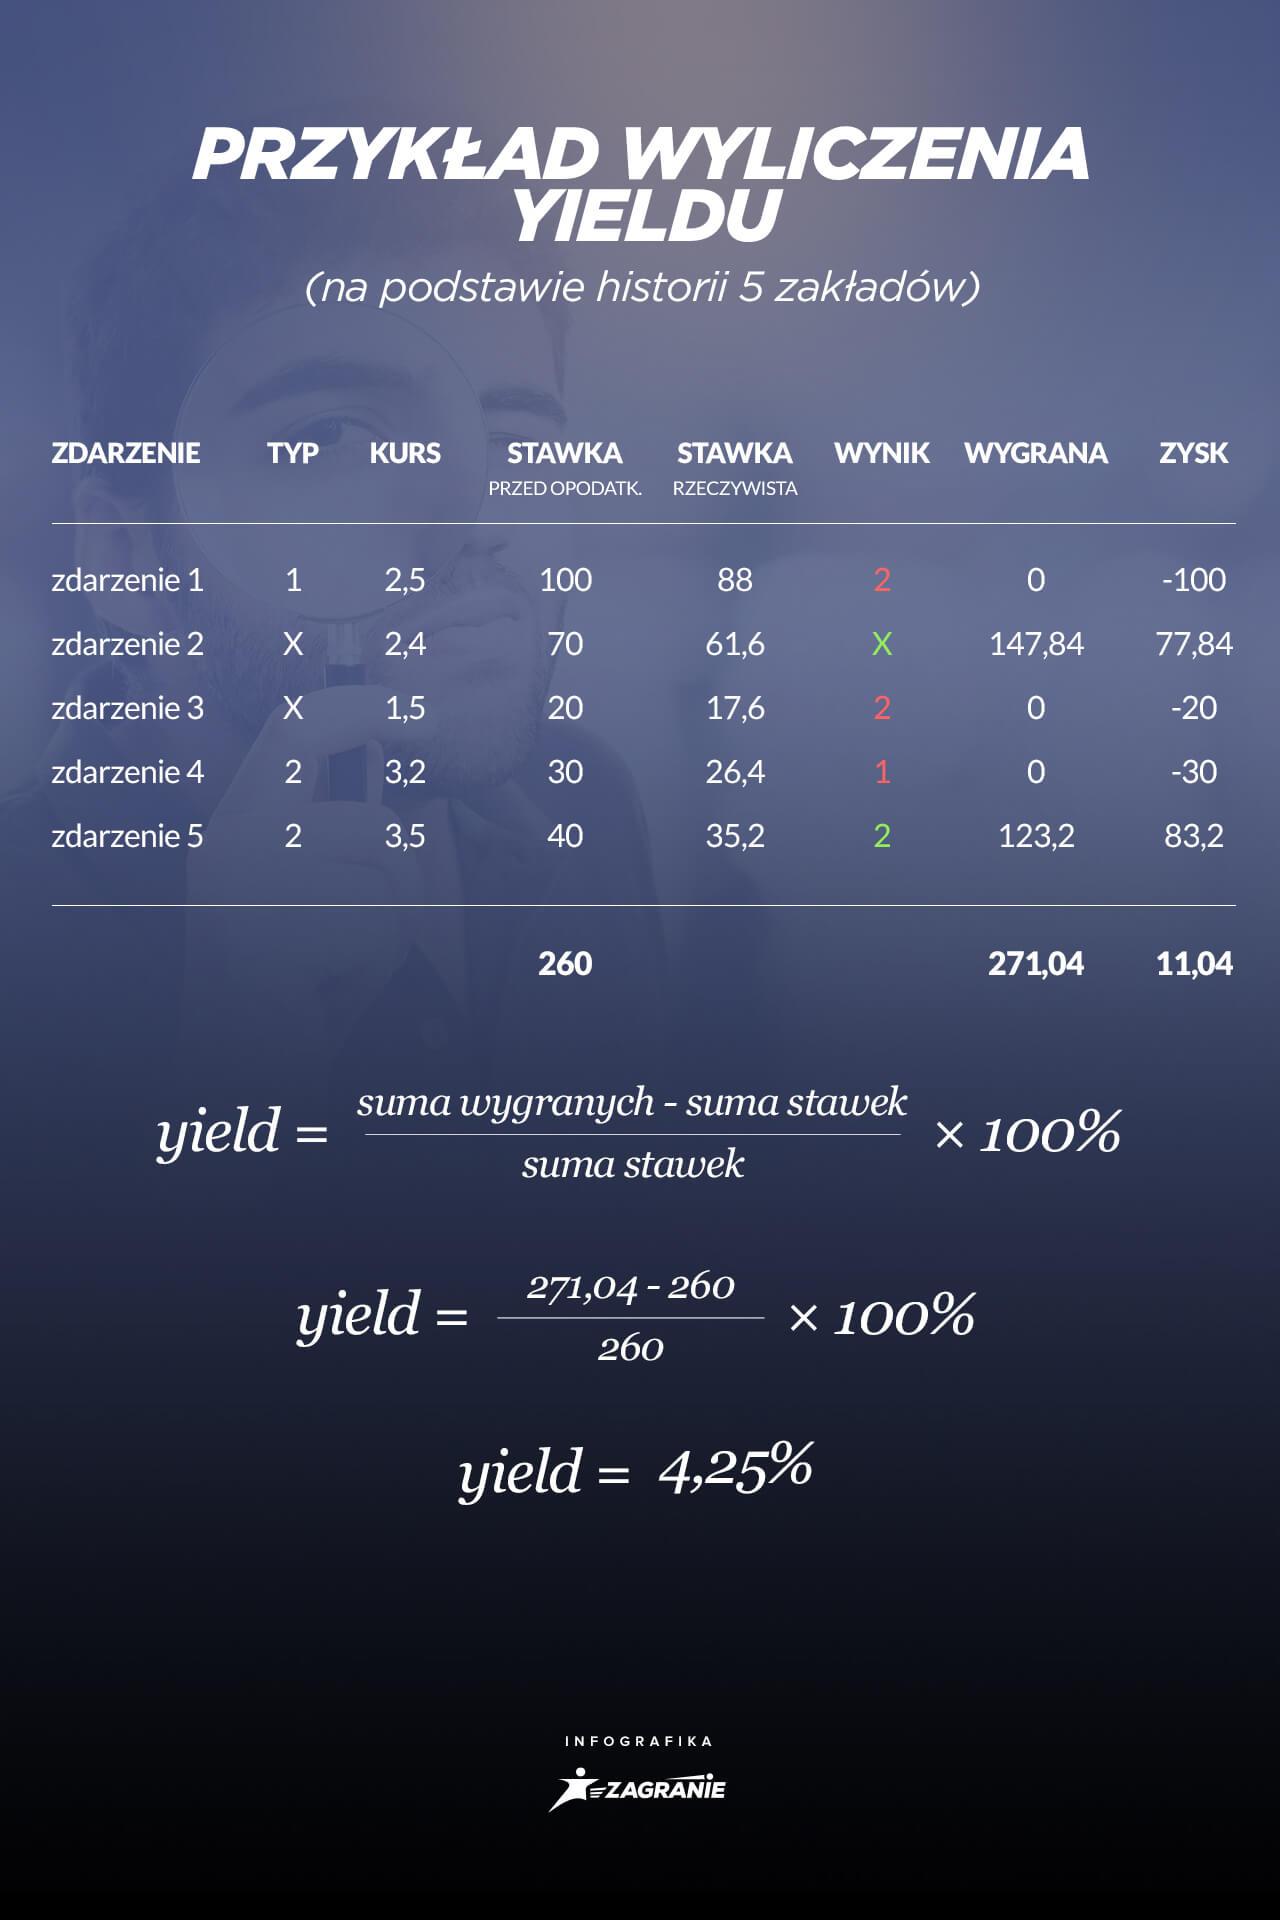 przykład wyliczenia yieldu